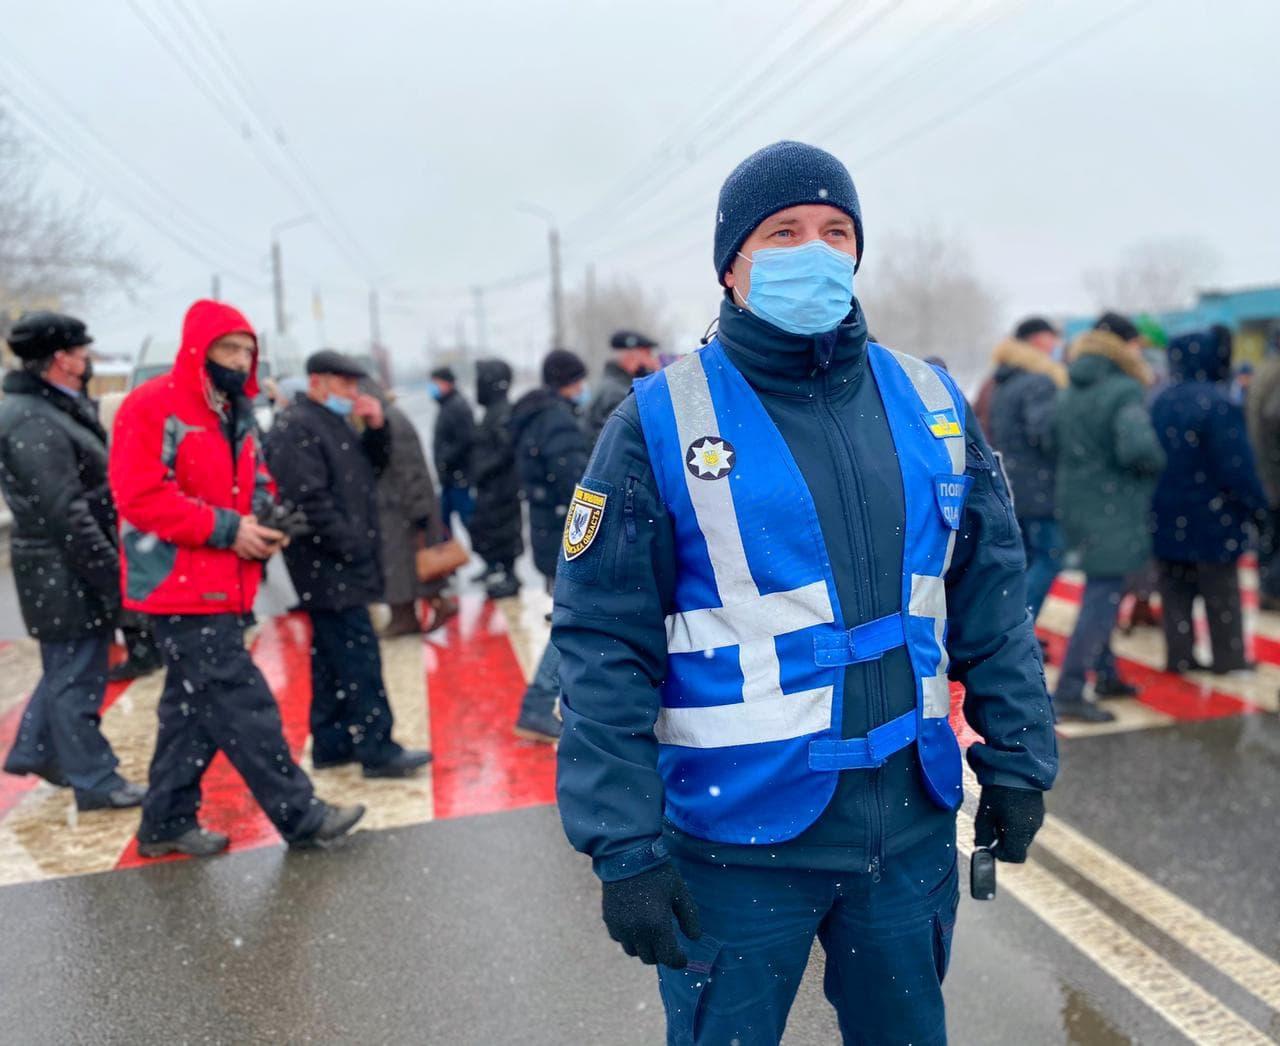 Протестувальники перекрили трасу під Франківськом